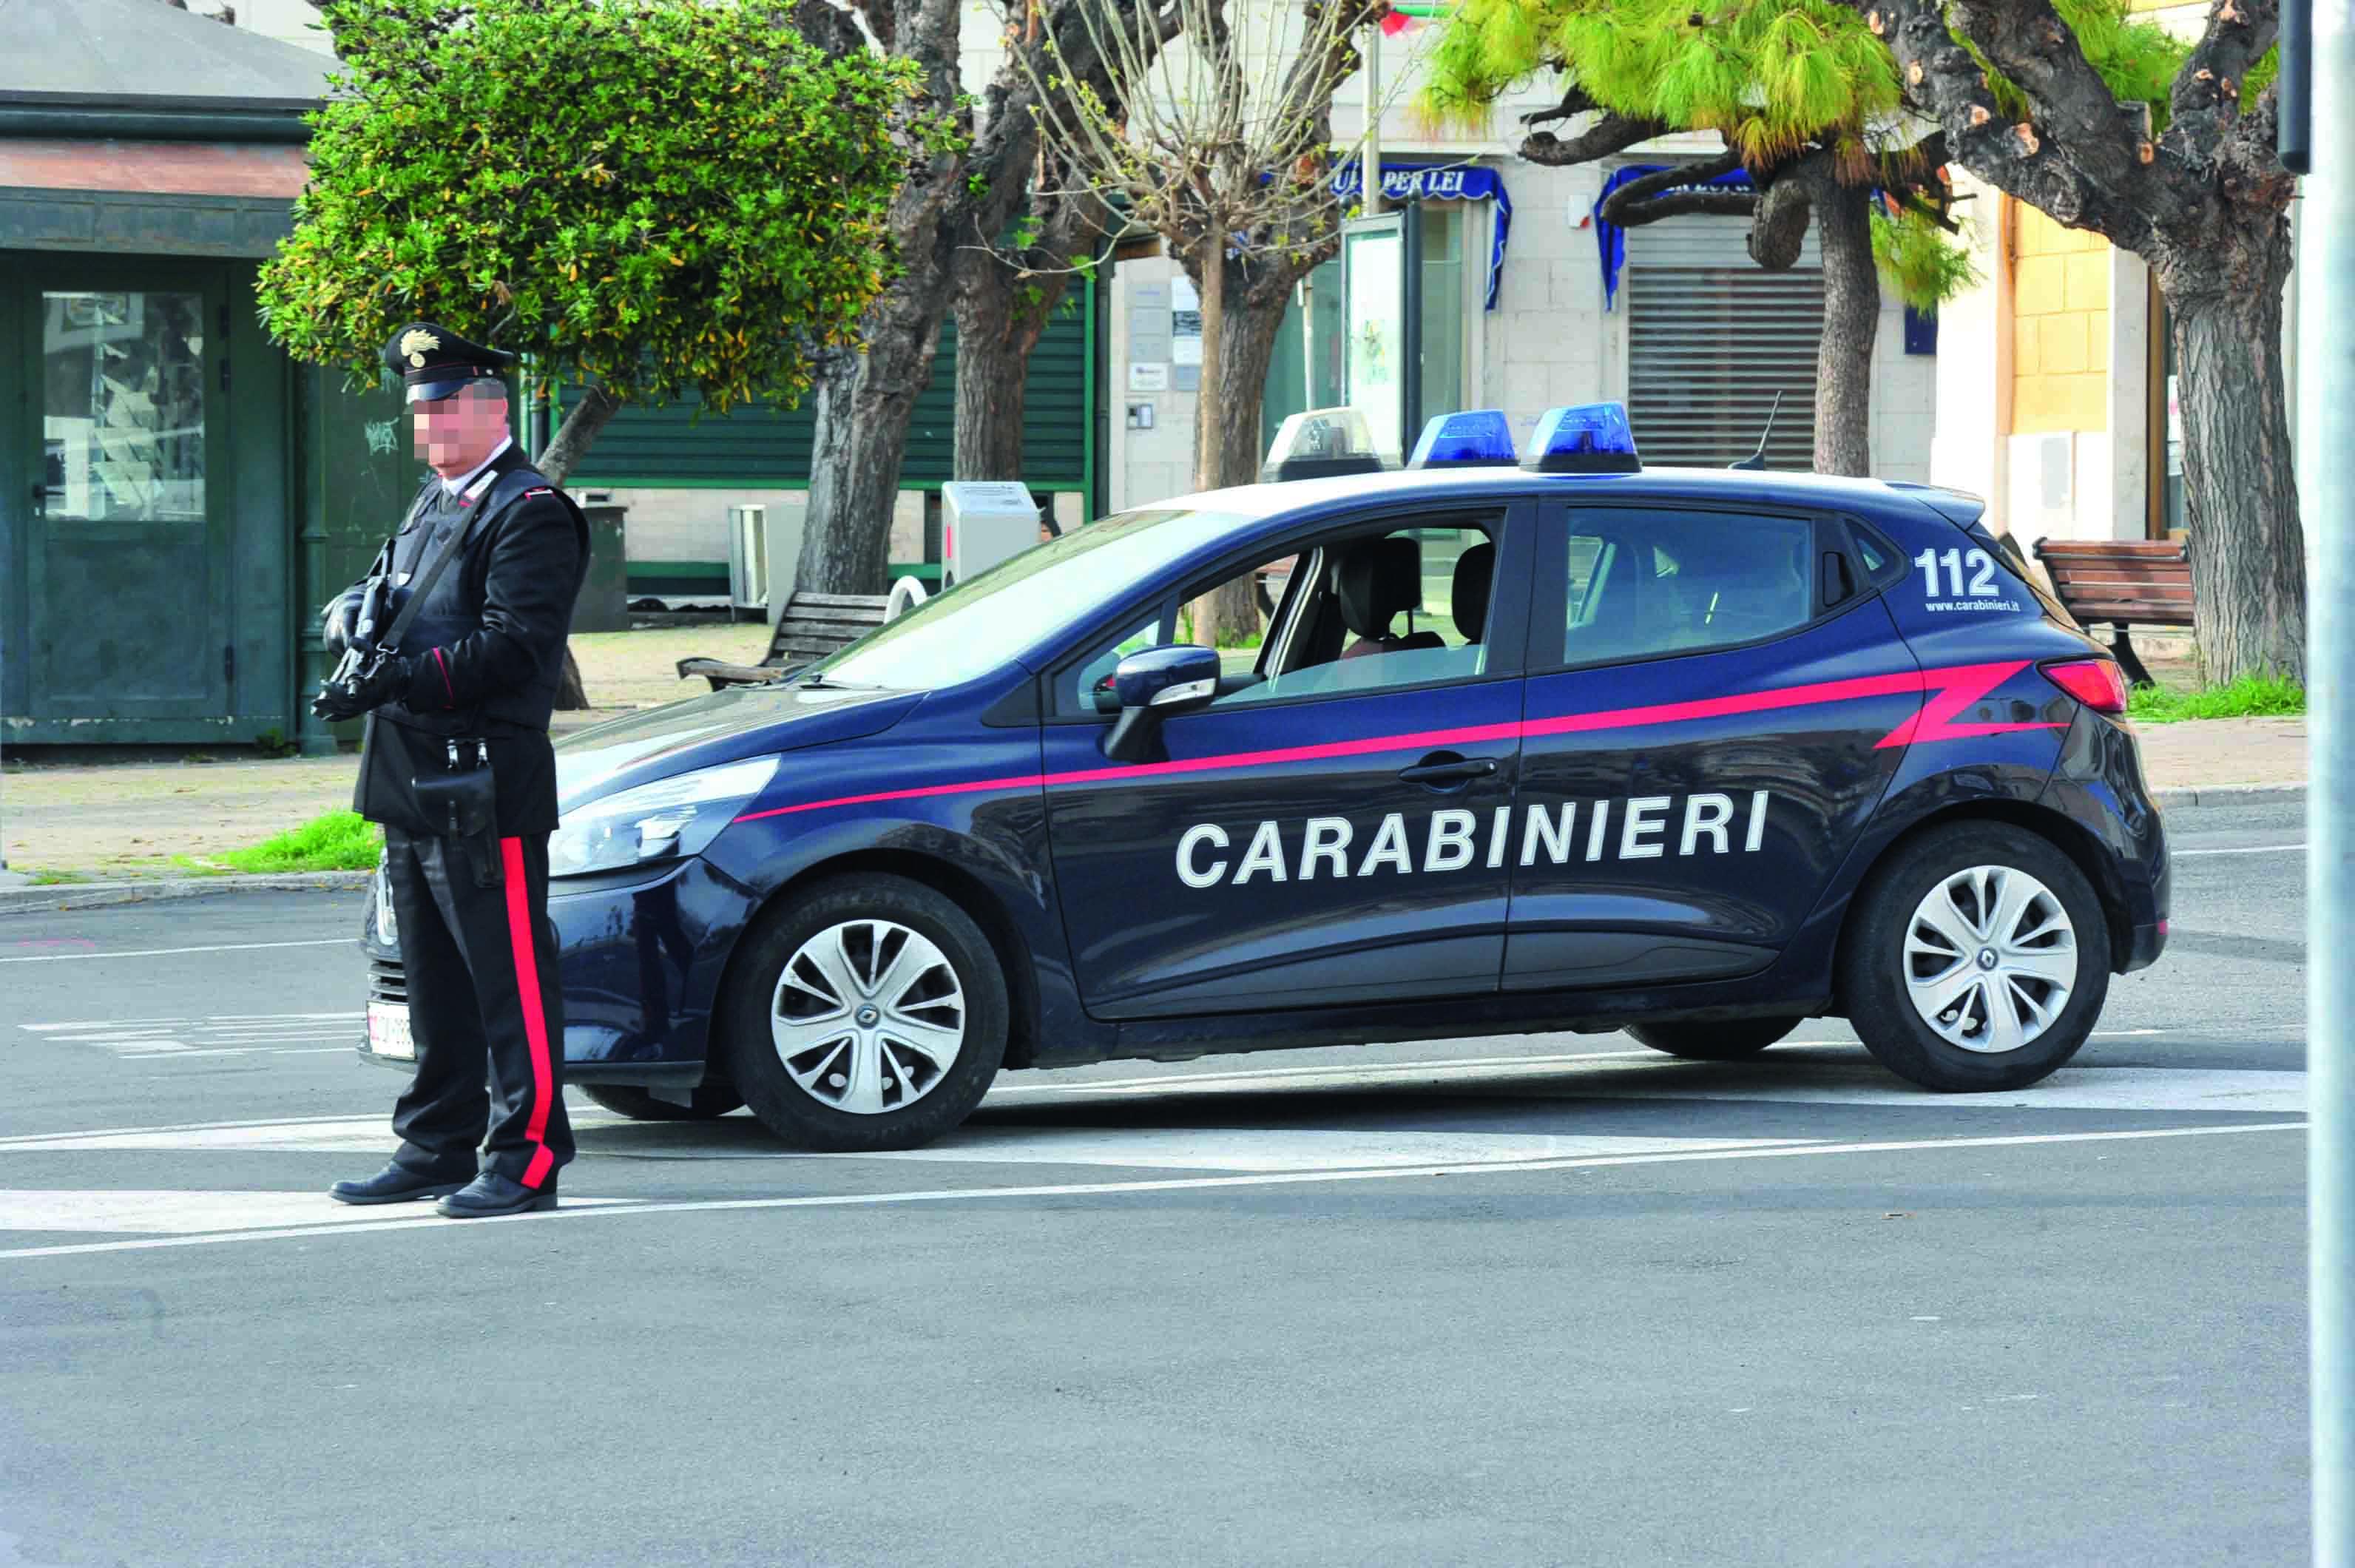 Ubriaco si scaglia contro i Carabinieri: arrestato 24enne